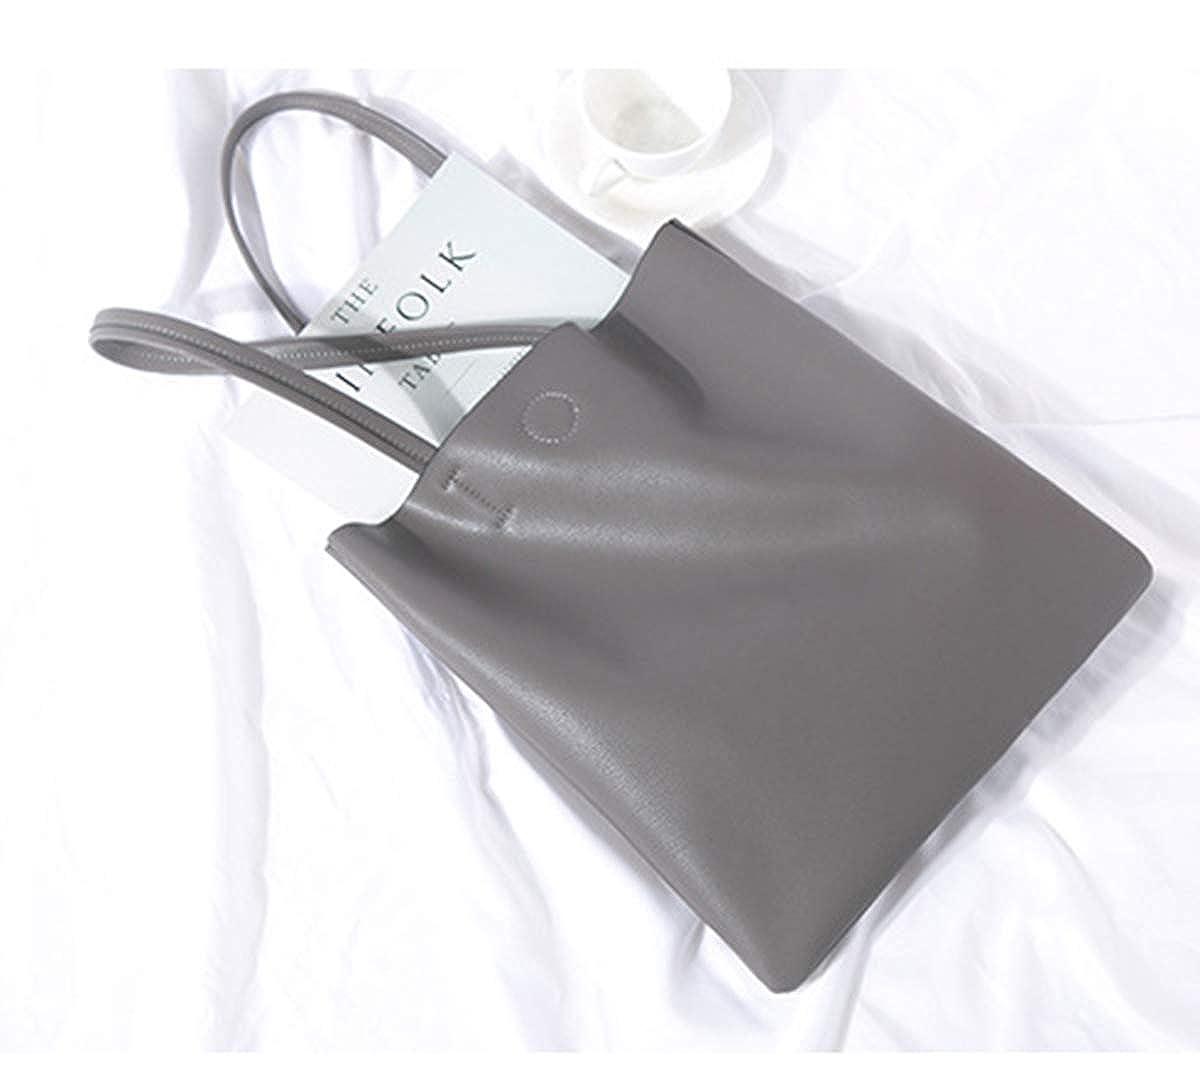 HJLY Leather Weibliche Handtasche Der Der Der Umhängetasche Weibliche Einfache Wilde Handtasche B07HTQVHJ9 Umhngetaschen Sehr gute Klassifizierung 51efbb